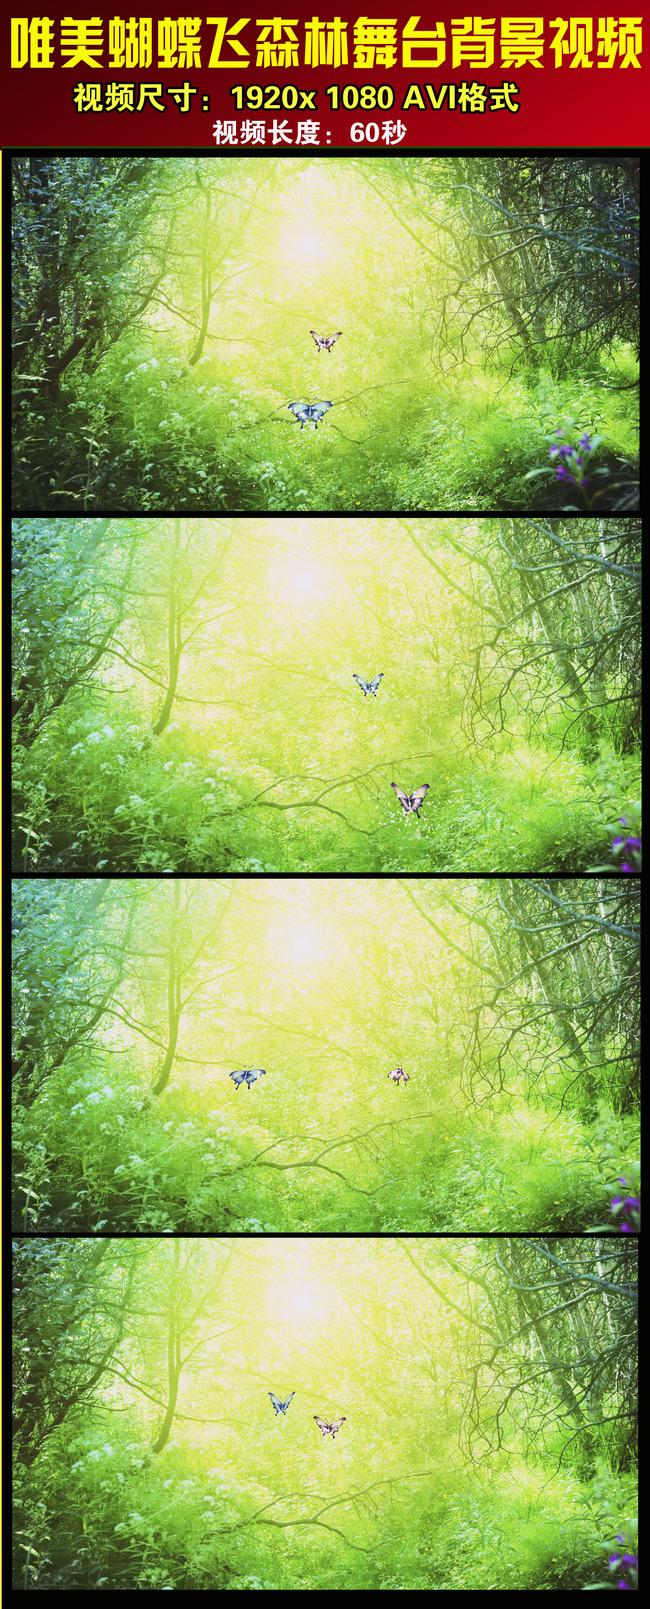 高清唯美森林蝴蝶飞舞led舞台背景视频